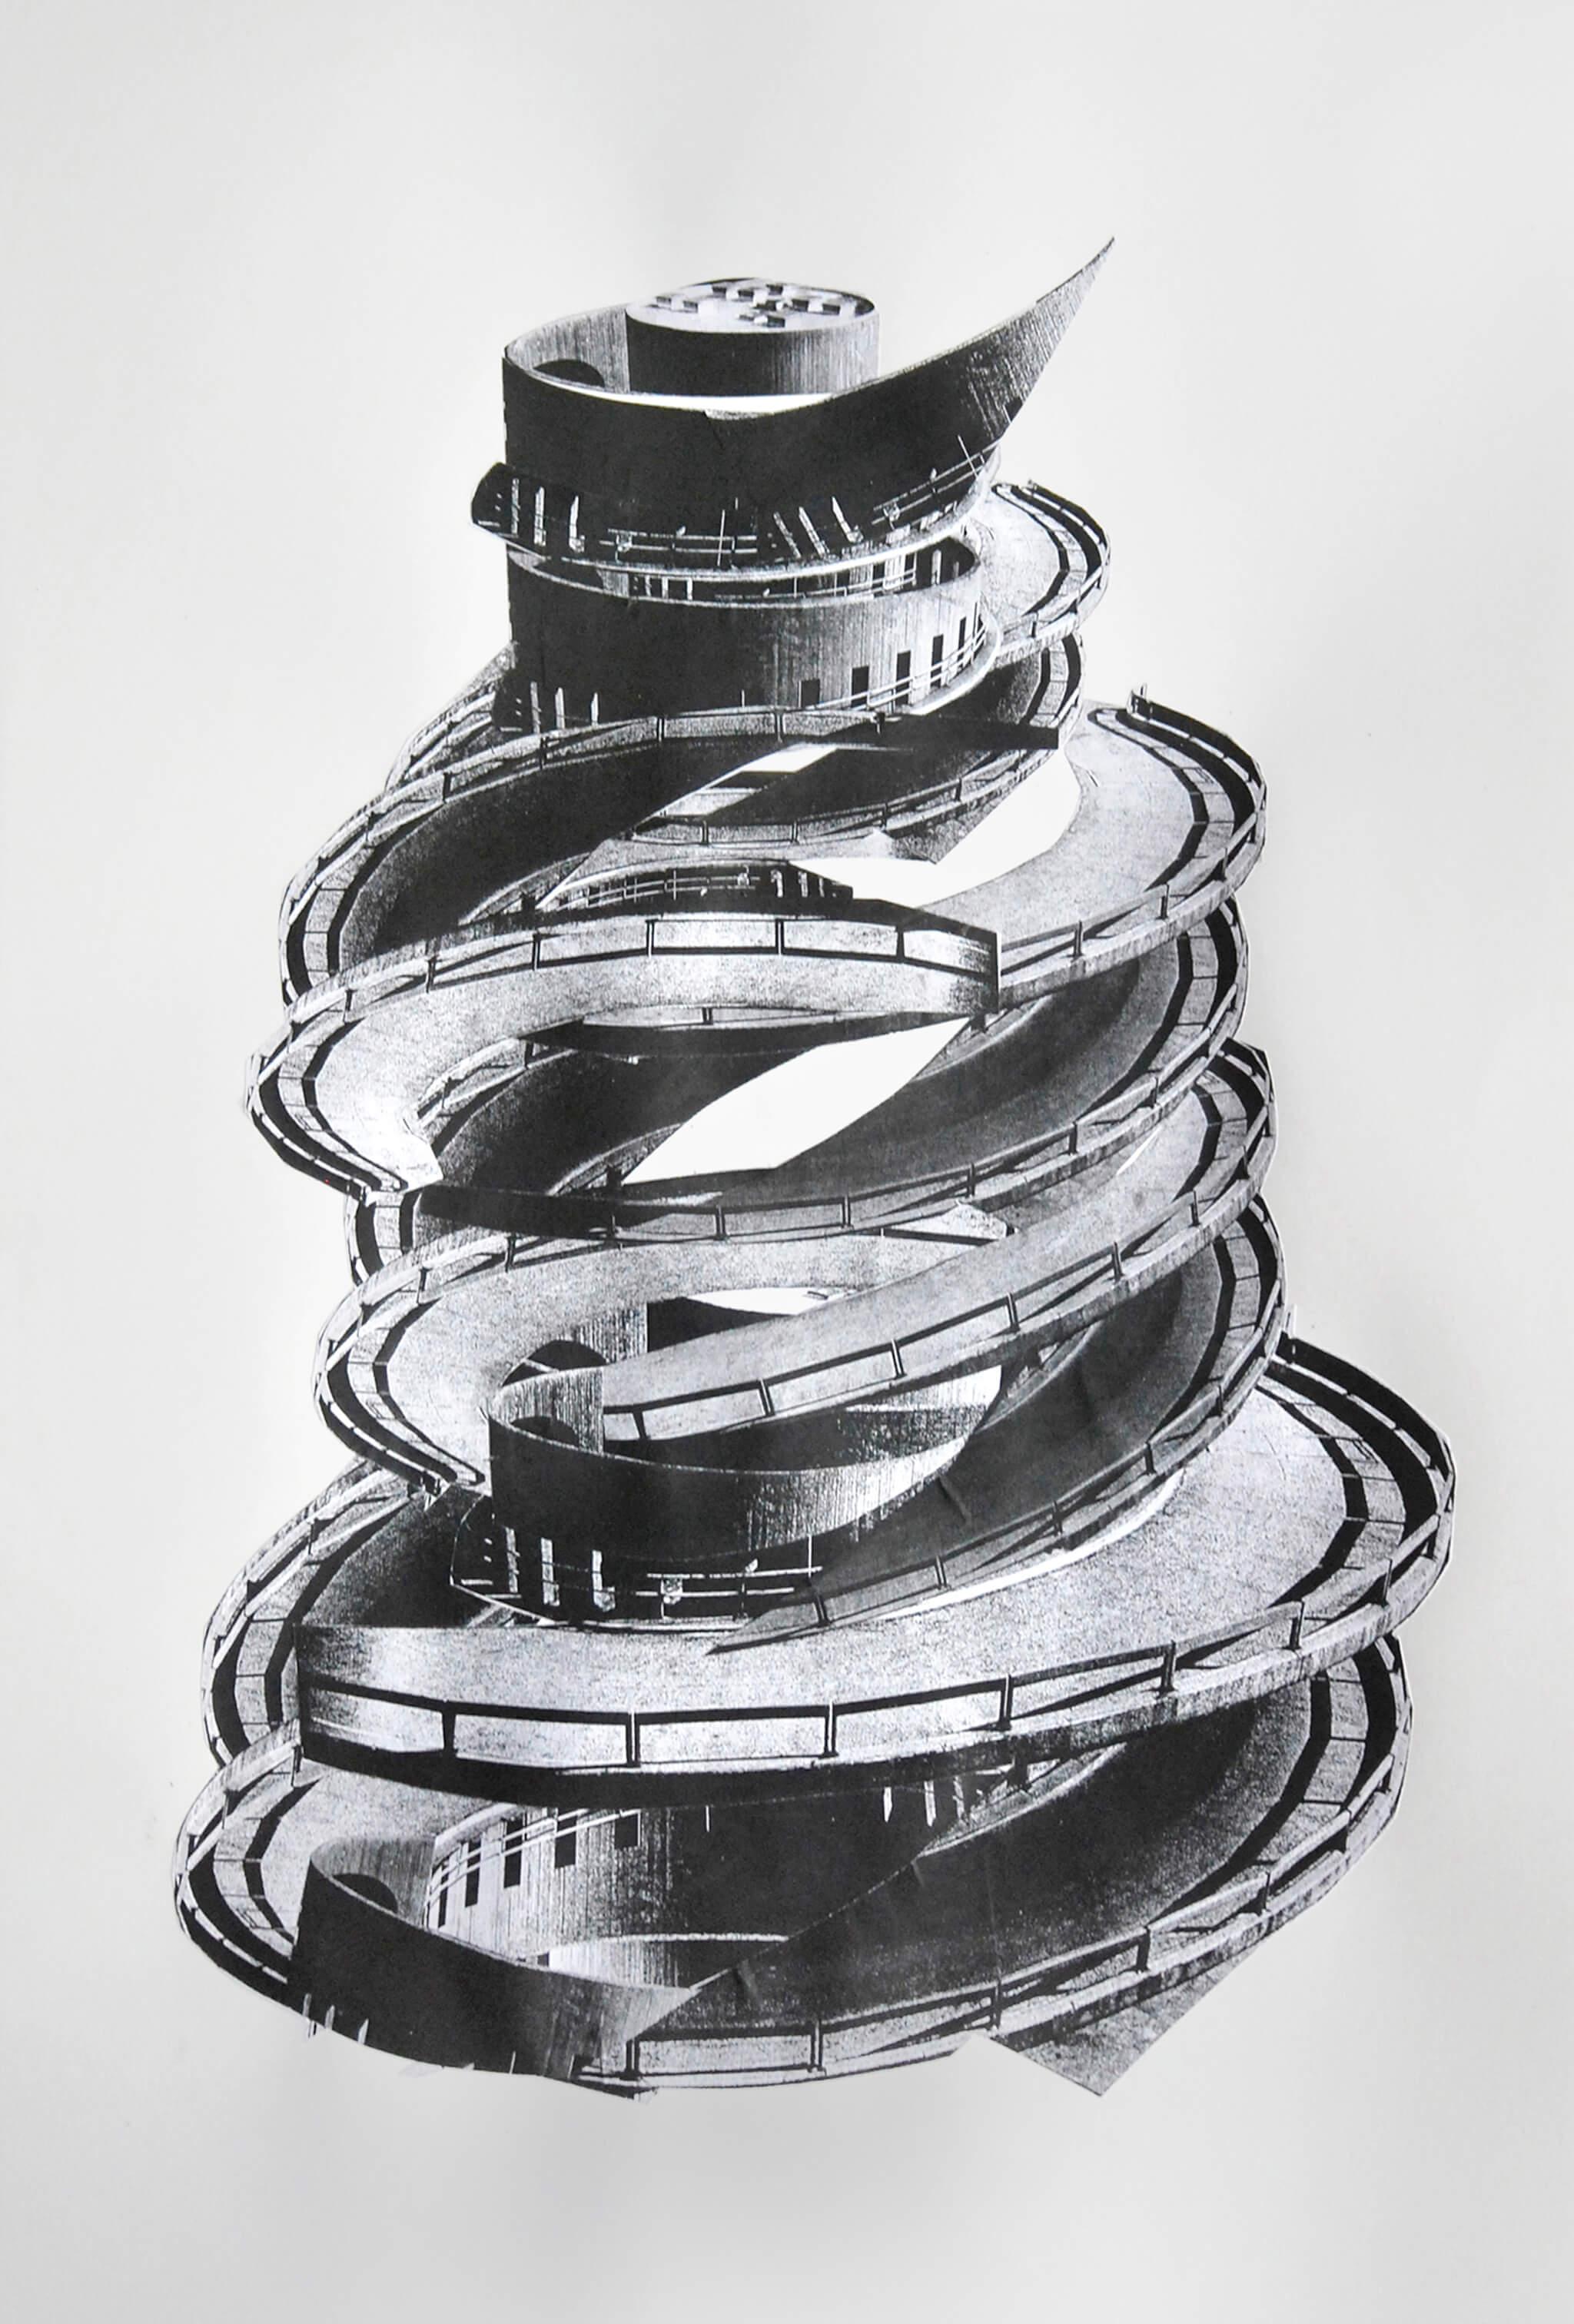 83_Frauke-Dannert_Collage_Papiercollage_Serpentine-II_2011